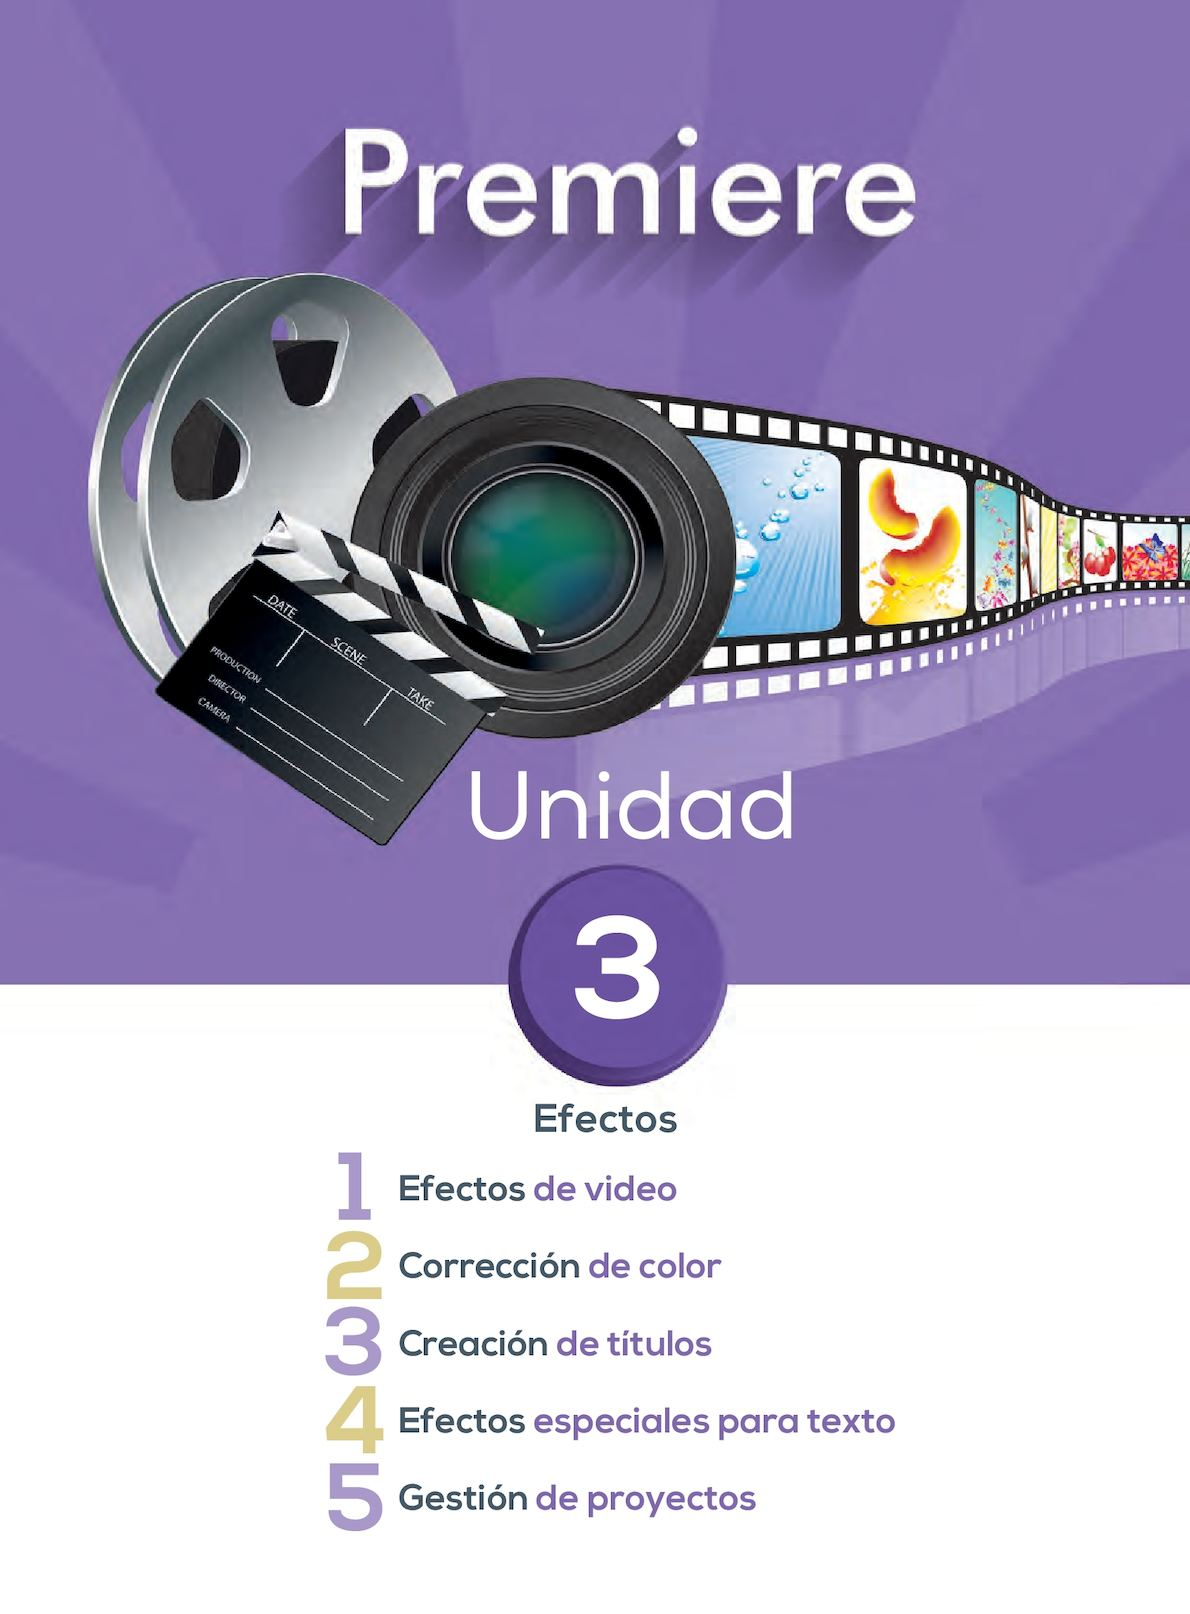 EDI04 Unidad 3 - PREMIERE RED